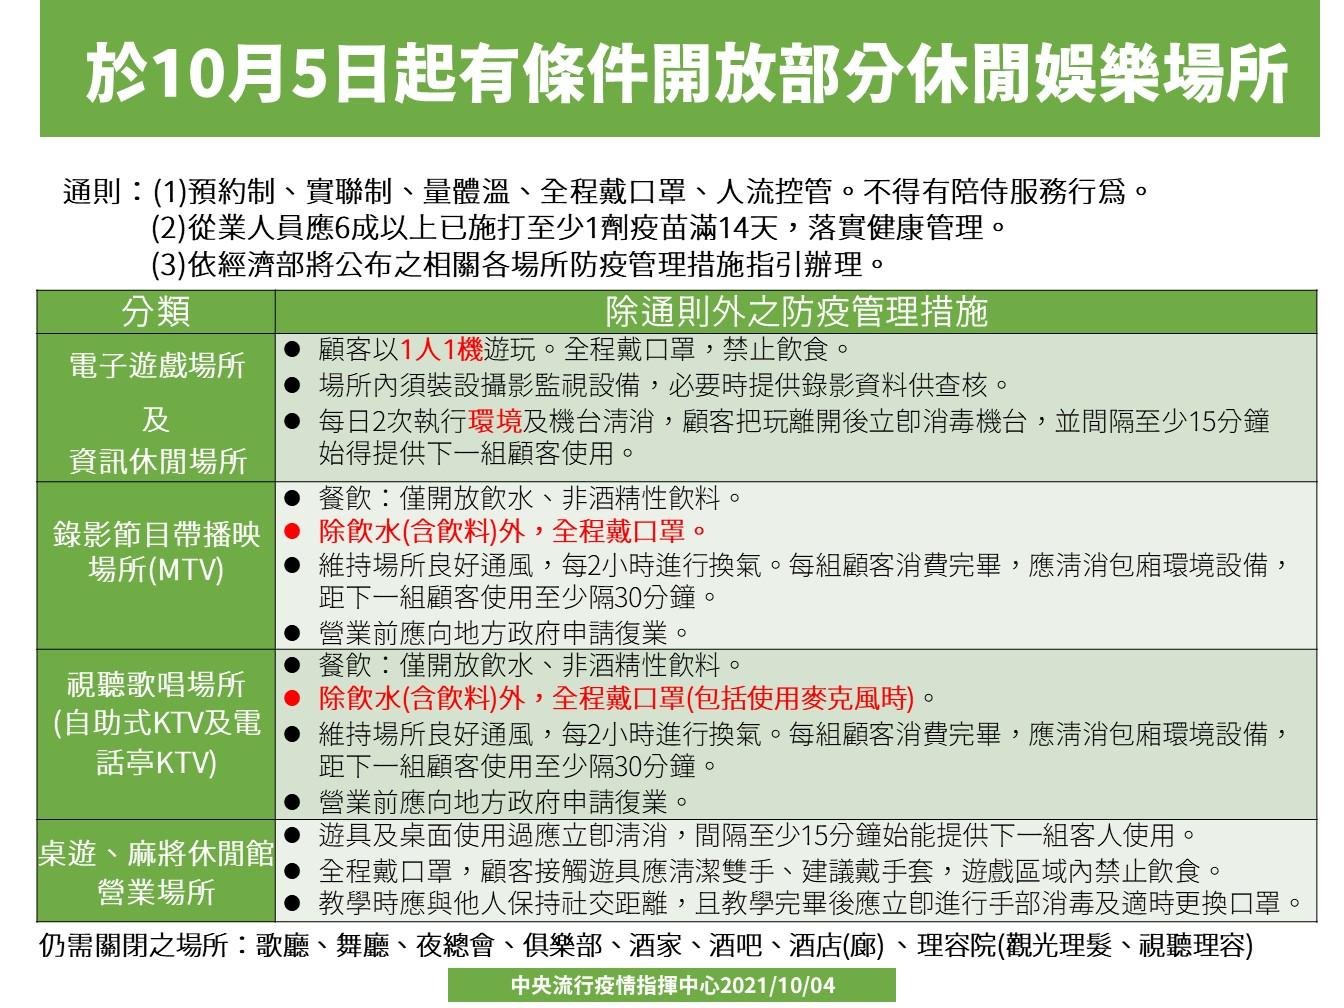 娛樂場所10月5日起有條件開放。(圖/指揮中心提供) 二級警戒確定延長!5娛樂場開放、內用免隔板「新規一次看」